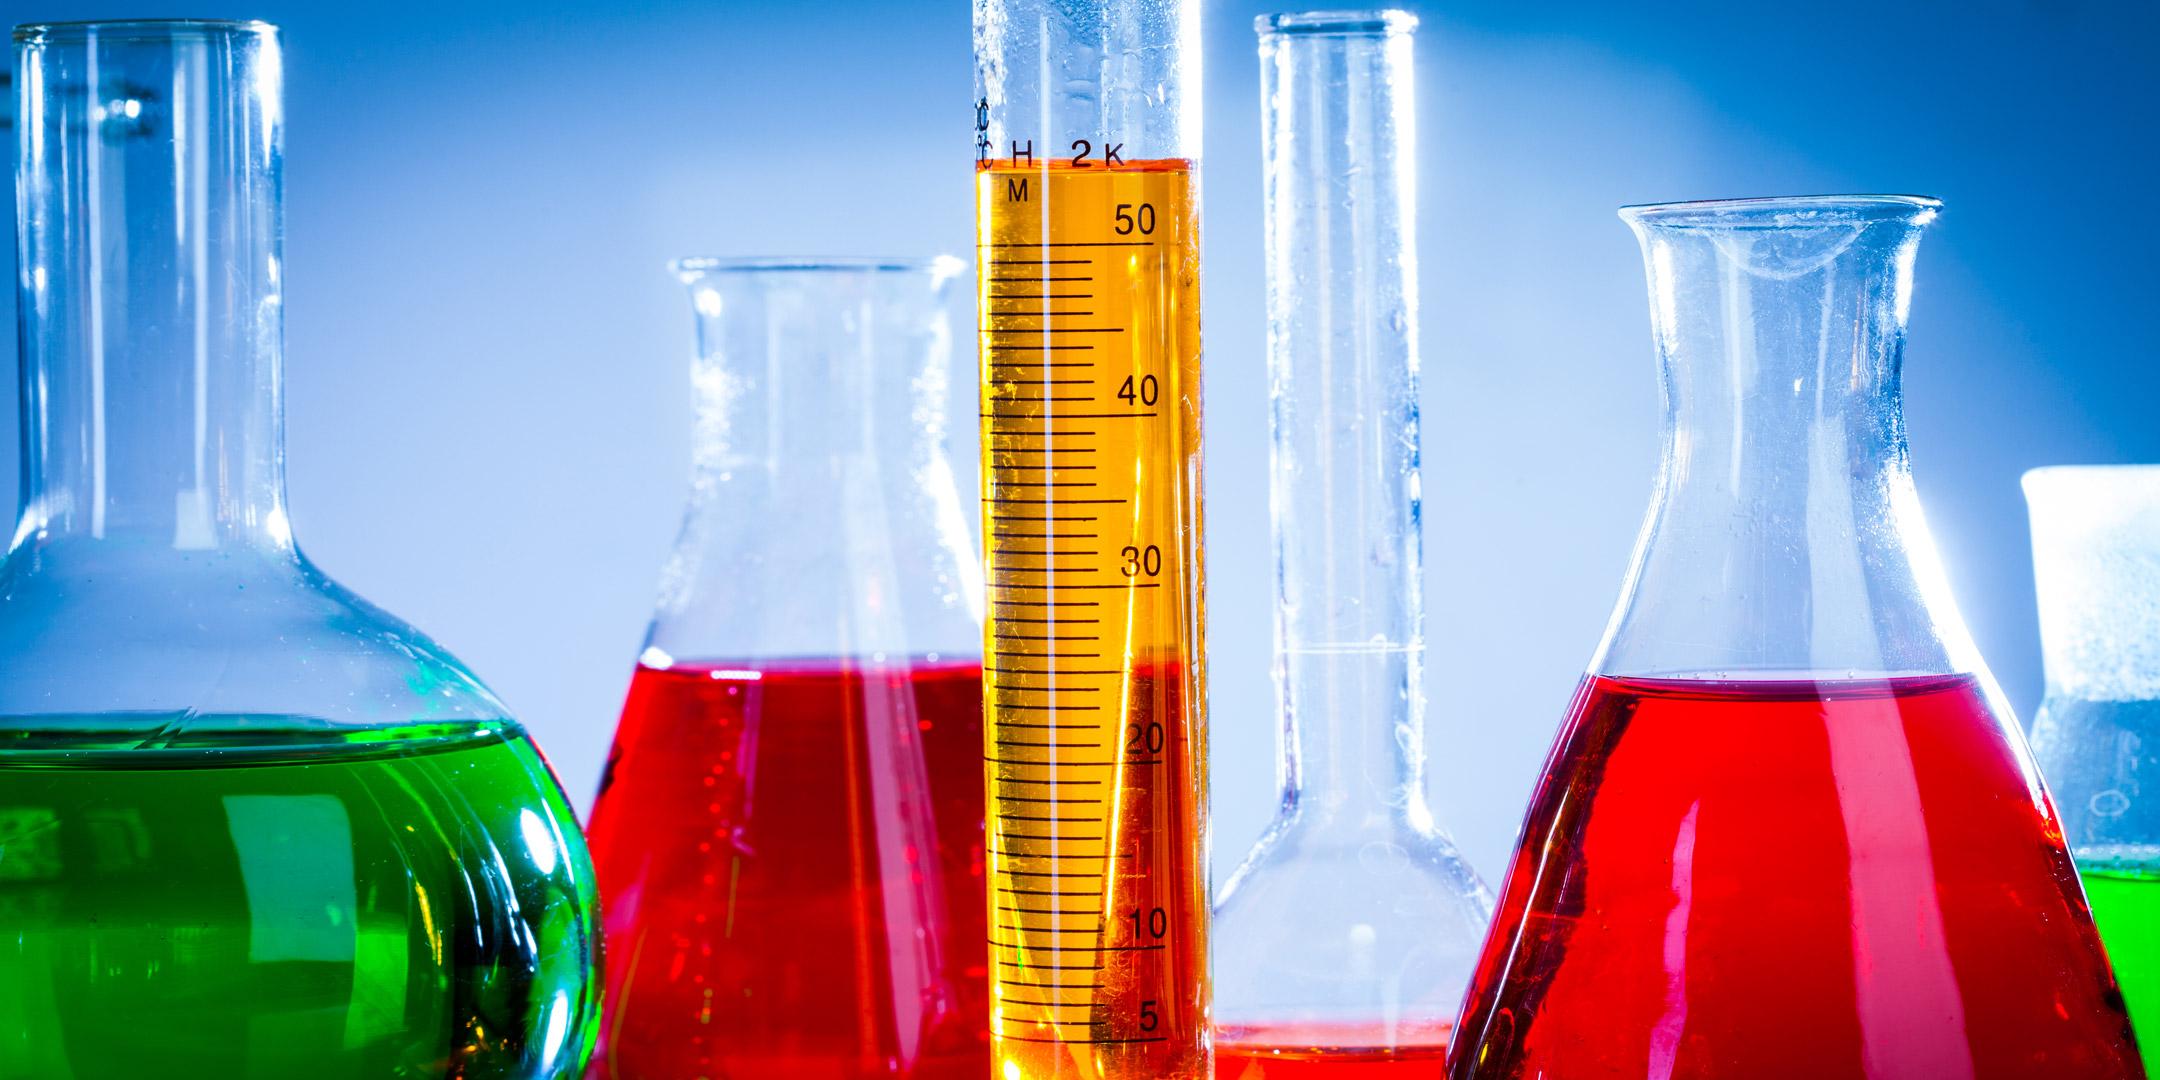 Het wetenschappelijke tintje achter merkkleuren - hero beeld|Het wetenschappelijke tintje achter merkkleuren - Rood tinten|Het wetenschappelijke tintje achter merkkleuren - Colours in culture|Het wetenschappelijke tintje achter merkkleuren - Pyramide van Mahnke